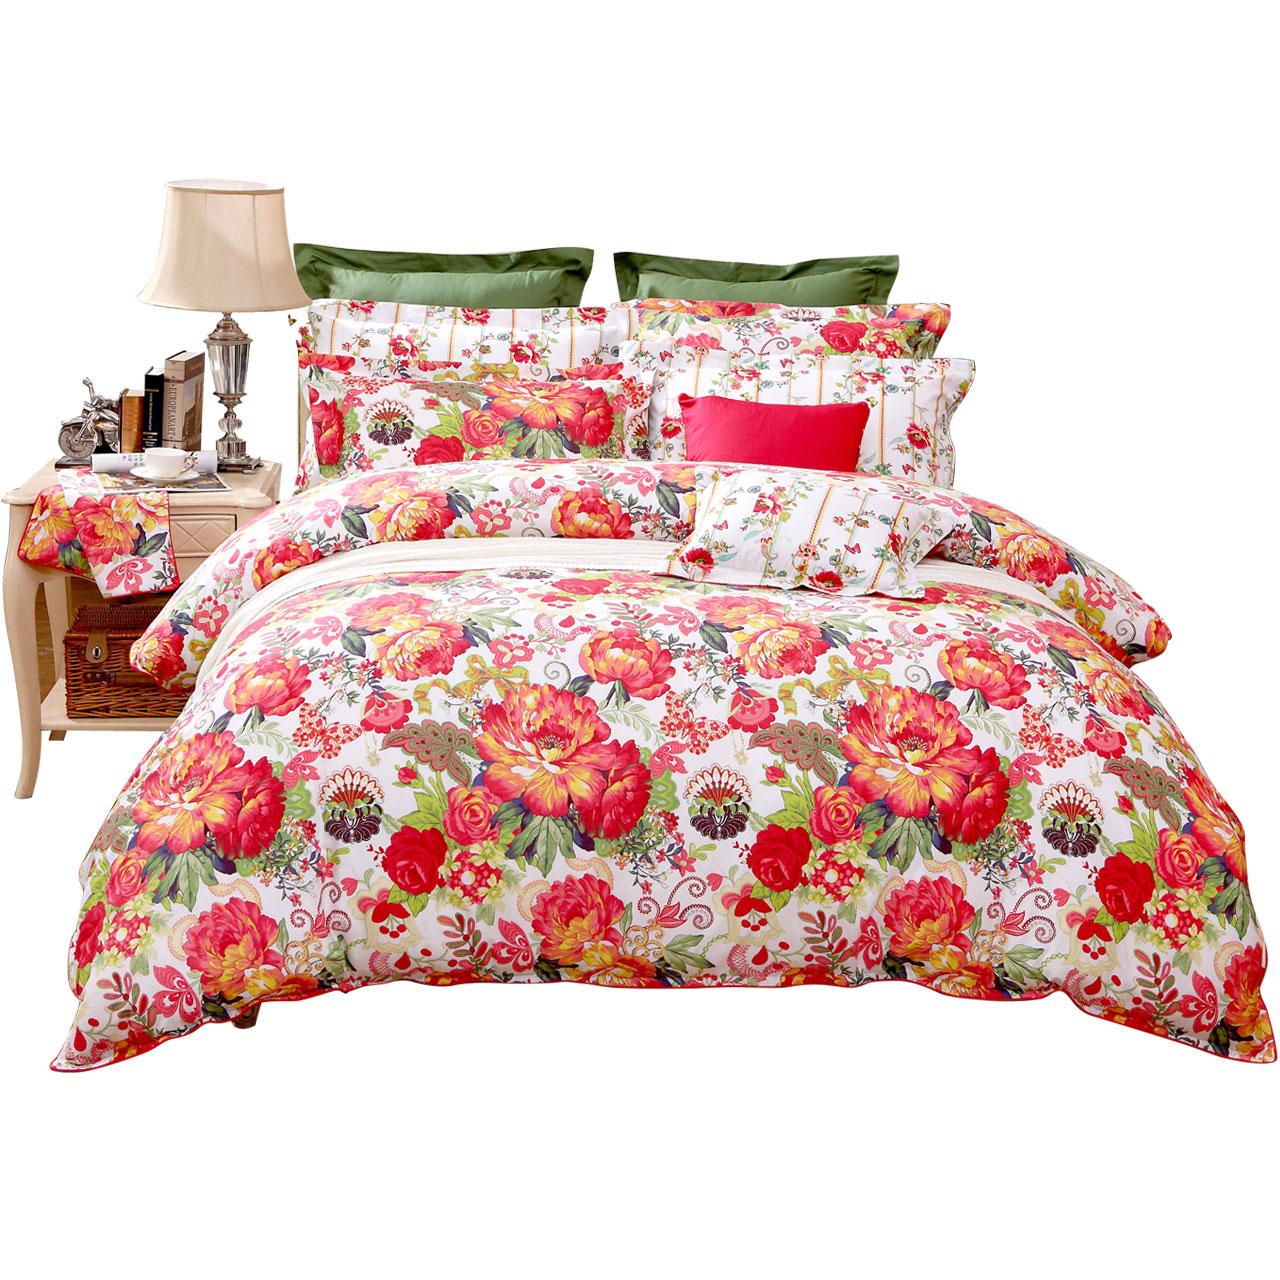 床单被套斜纹正品艳冠群芳 1.5m 床上用品 1.8m 富安娜全棉四件套纯棉